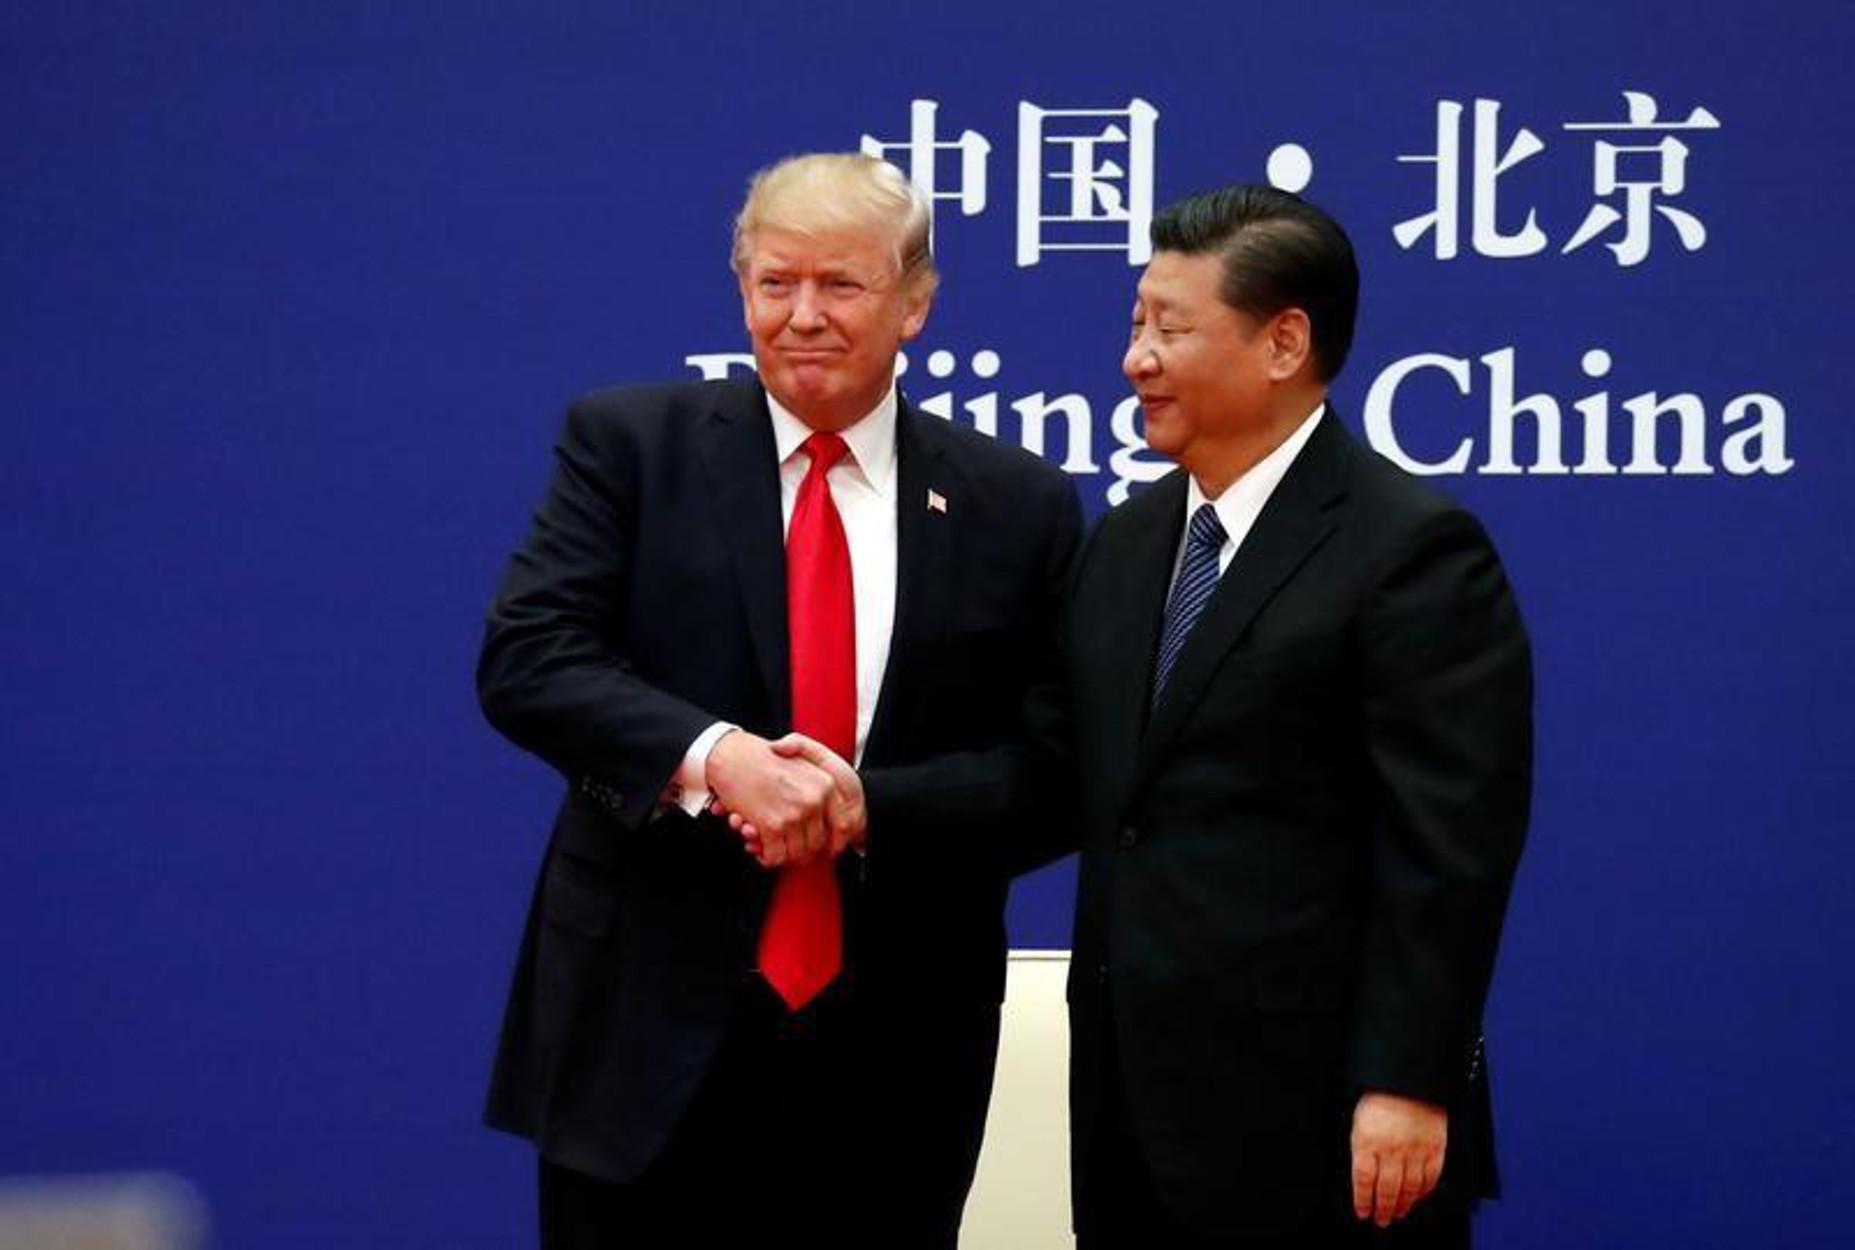 Ακυρώνονται δασμοί μεταξύ ΗΠΑ - Κίνας